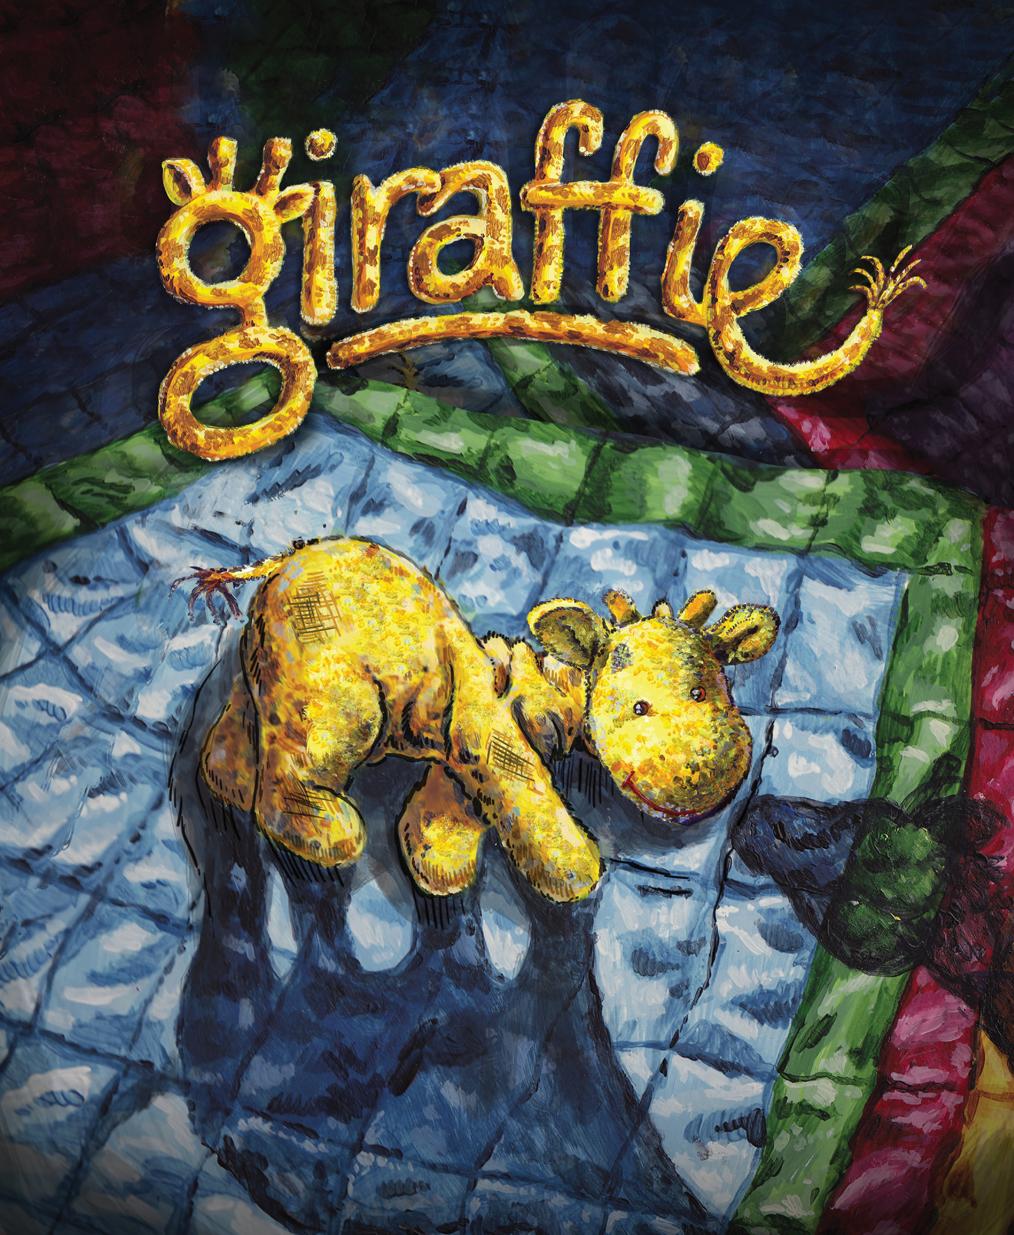 Giraffie